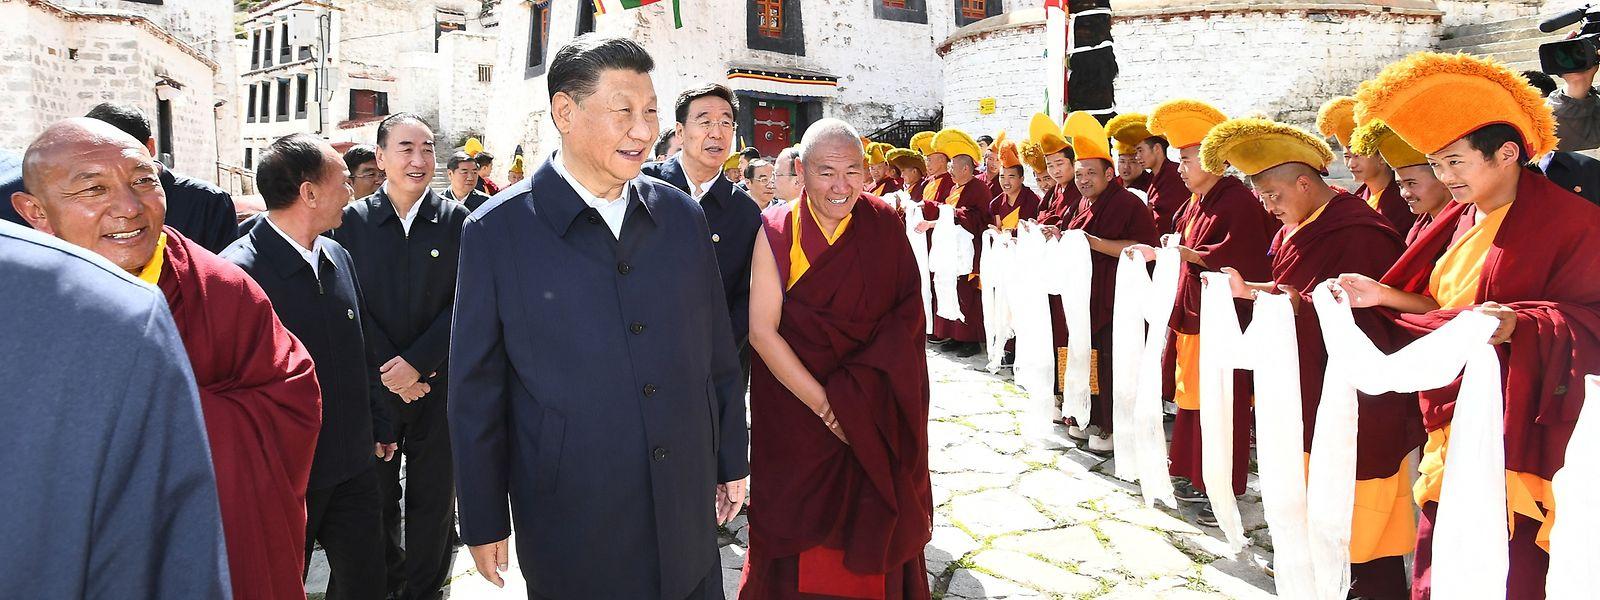 Chinas Präsident Xi Jinping (M.) ist erstmals seit zehn Jahren wieder nach Tibet gereist, wo er von Einheimischen und Beamten begrüßt wurde.